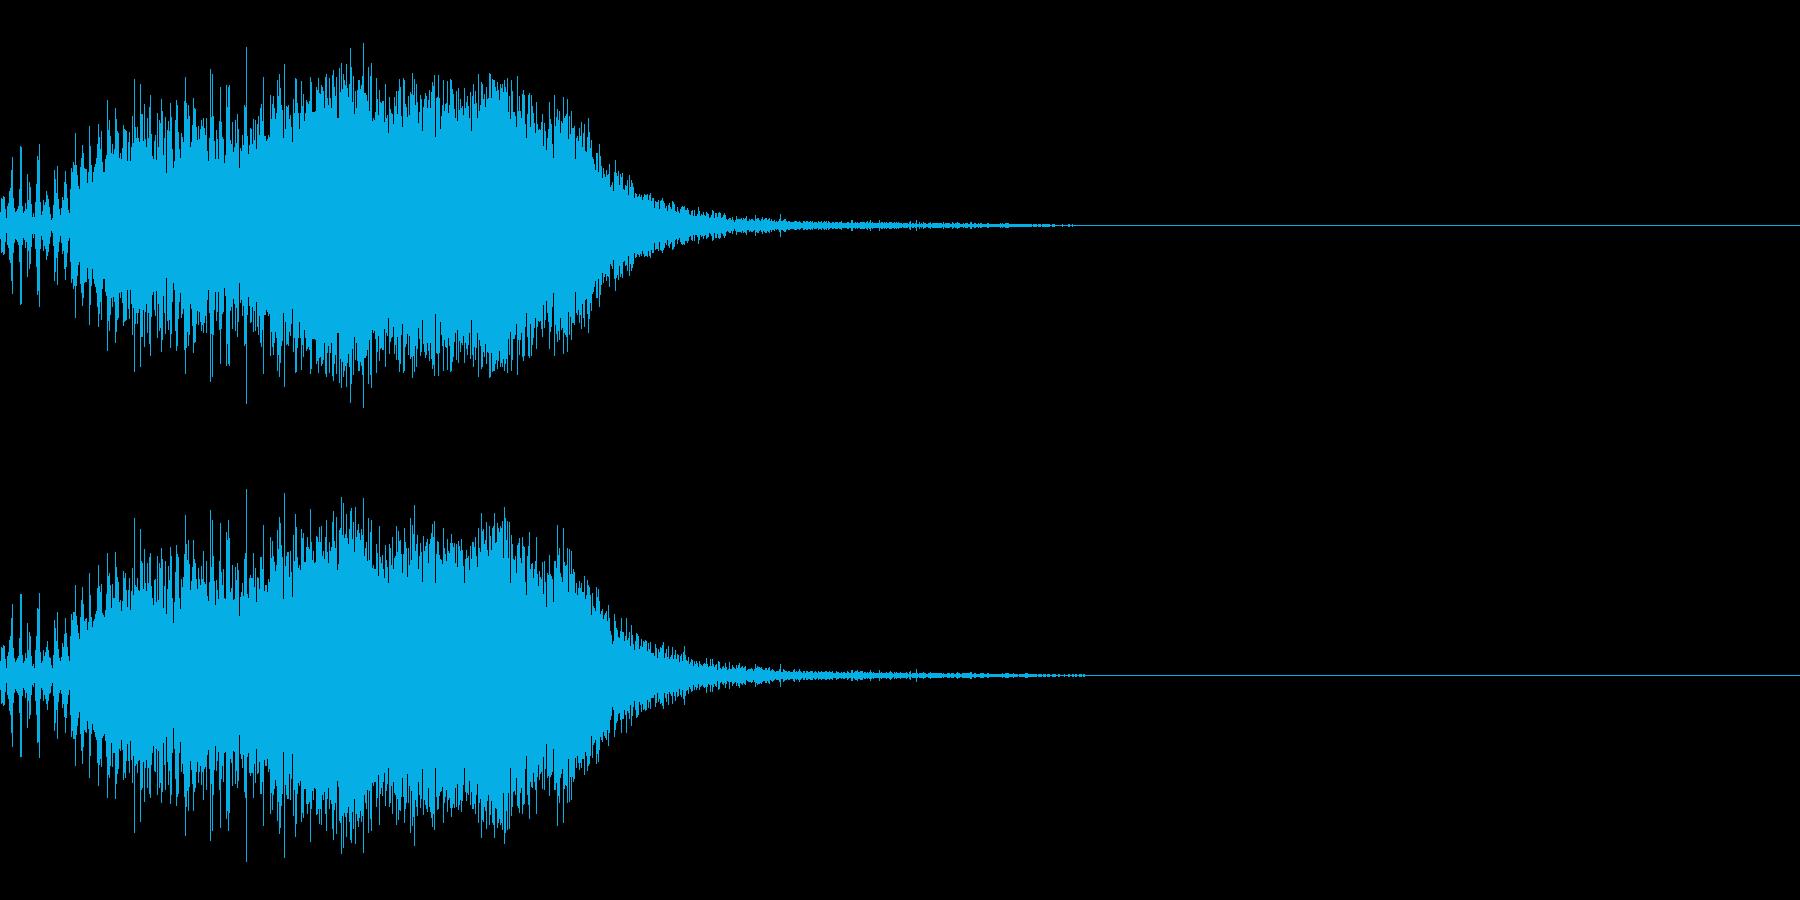 スパーク音-40の再生済みの波形